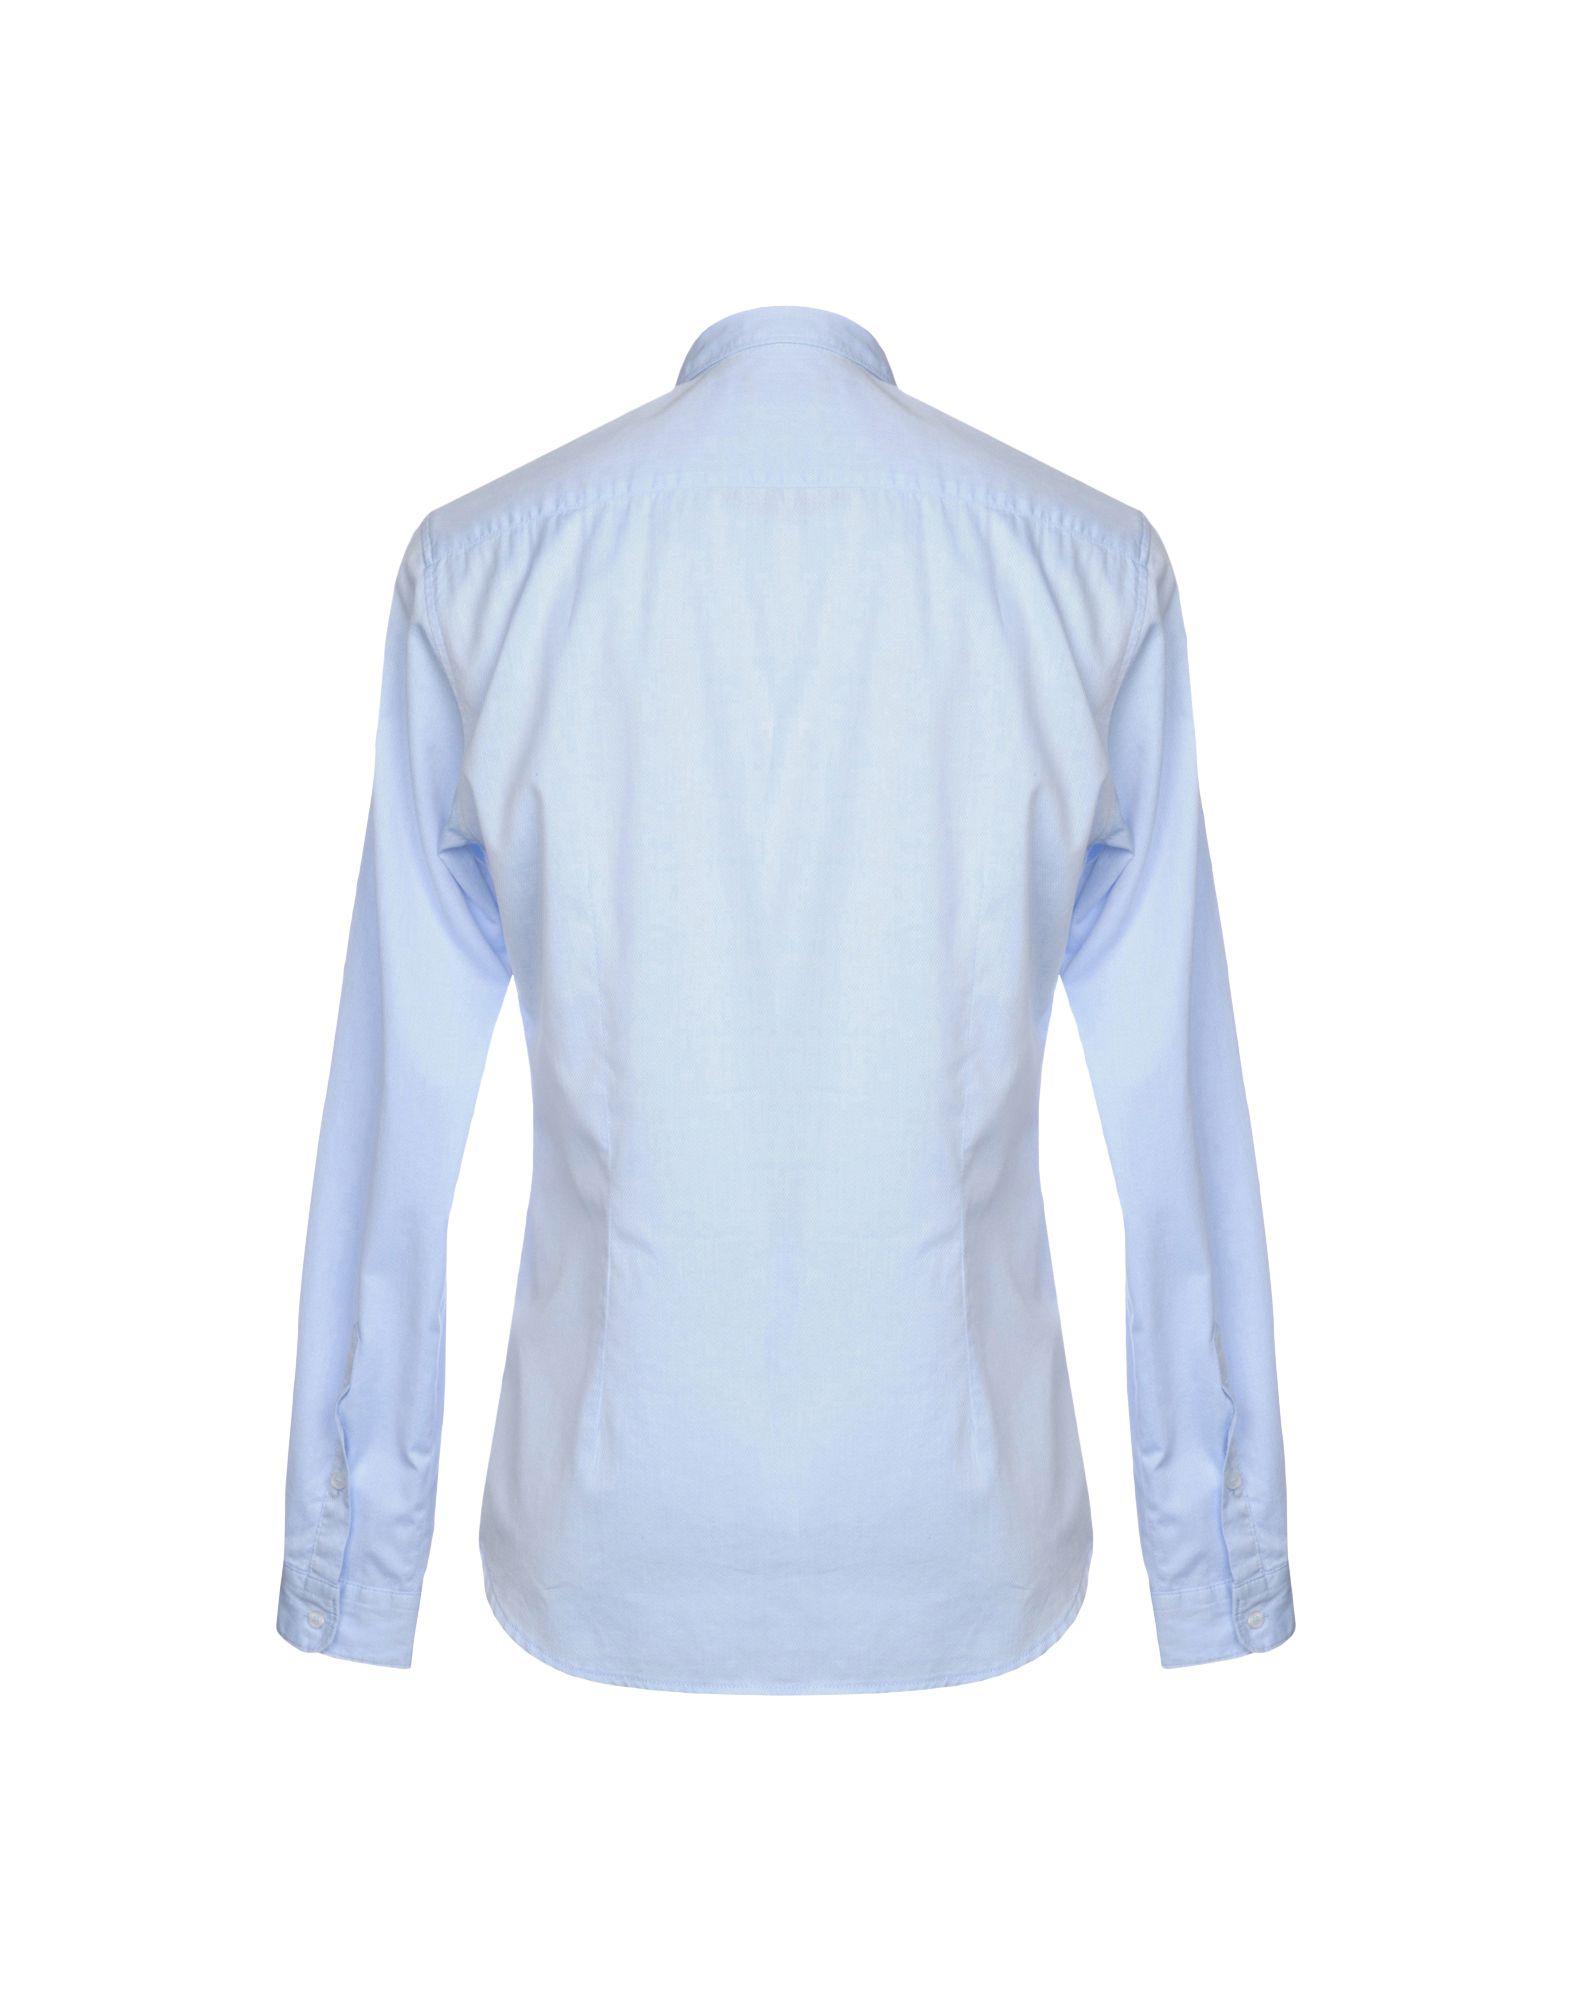 Camicia Fantasia Officina 36 Uomo - 38756306CW 38756306CW - 99a376